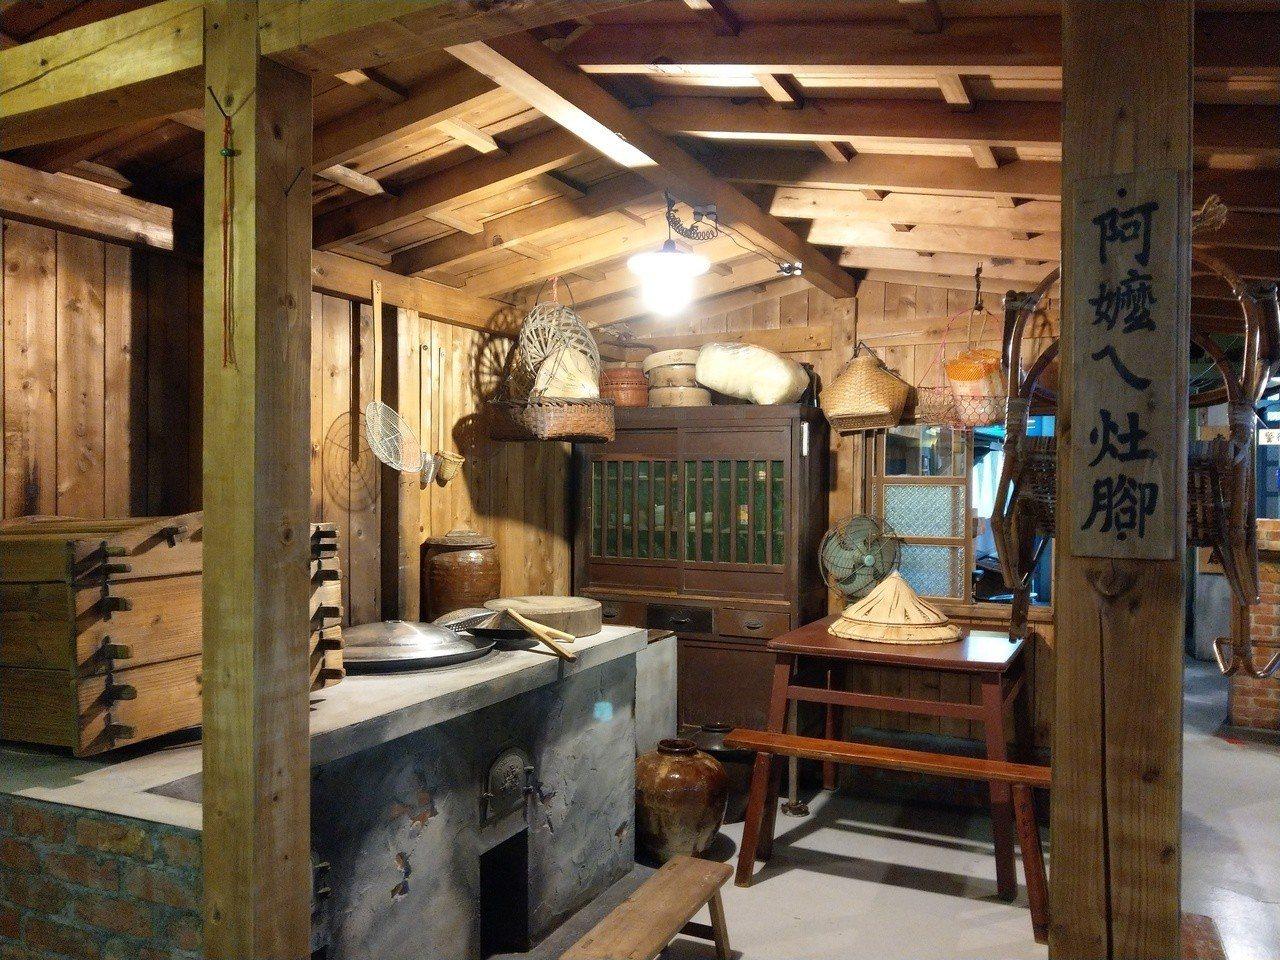 宜蘭虎牌米粉產業文化館「那個年代」展示區,呈現阿嬤ㄟ灶腳的懷舊風貌。記者戴永華/...